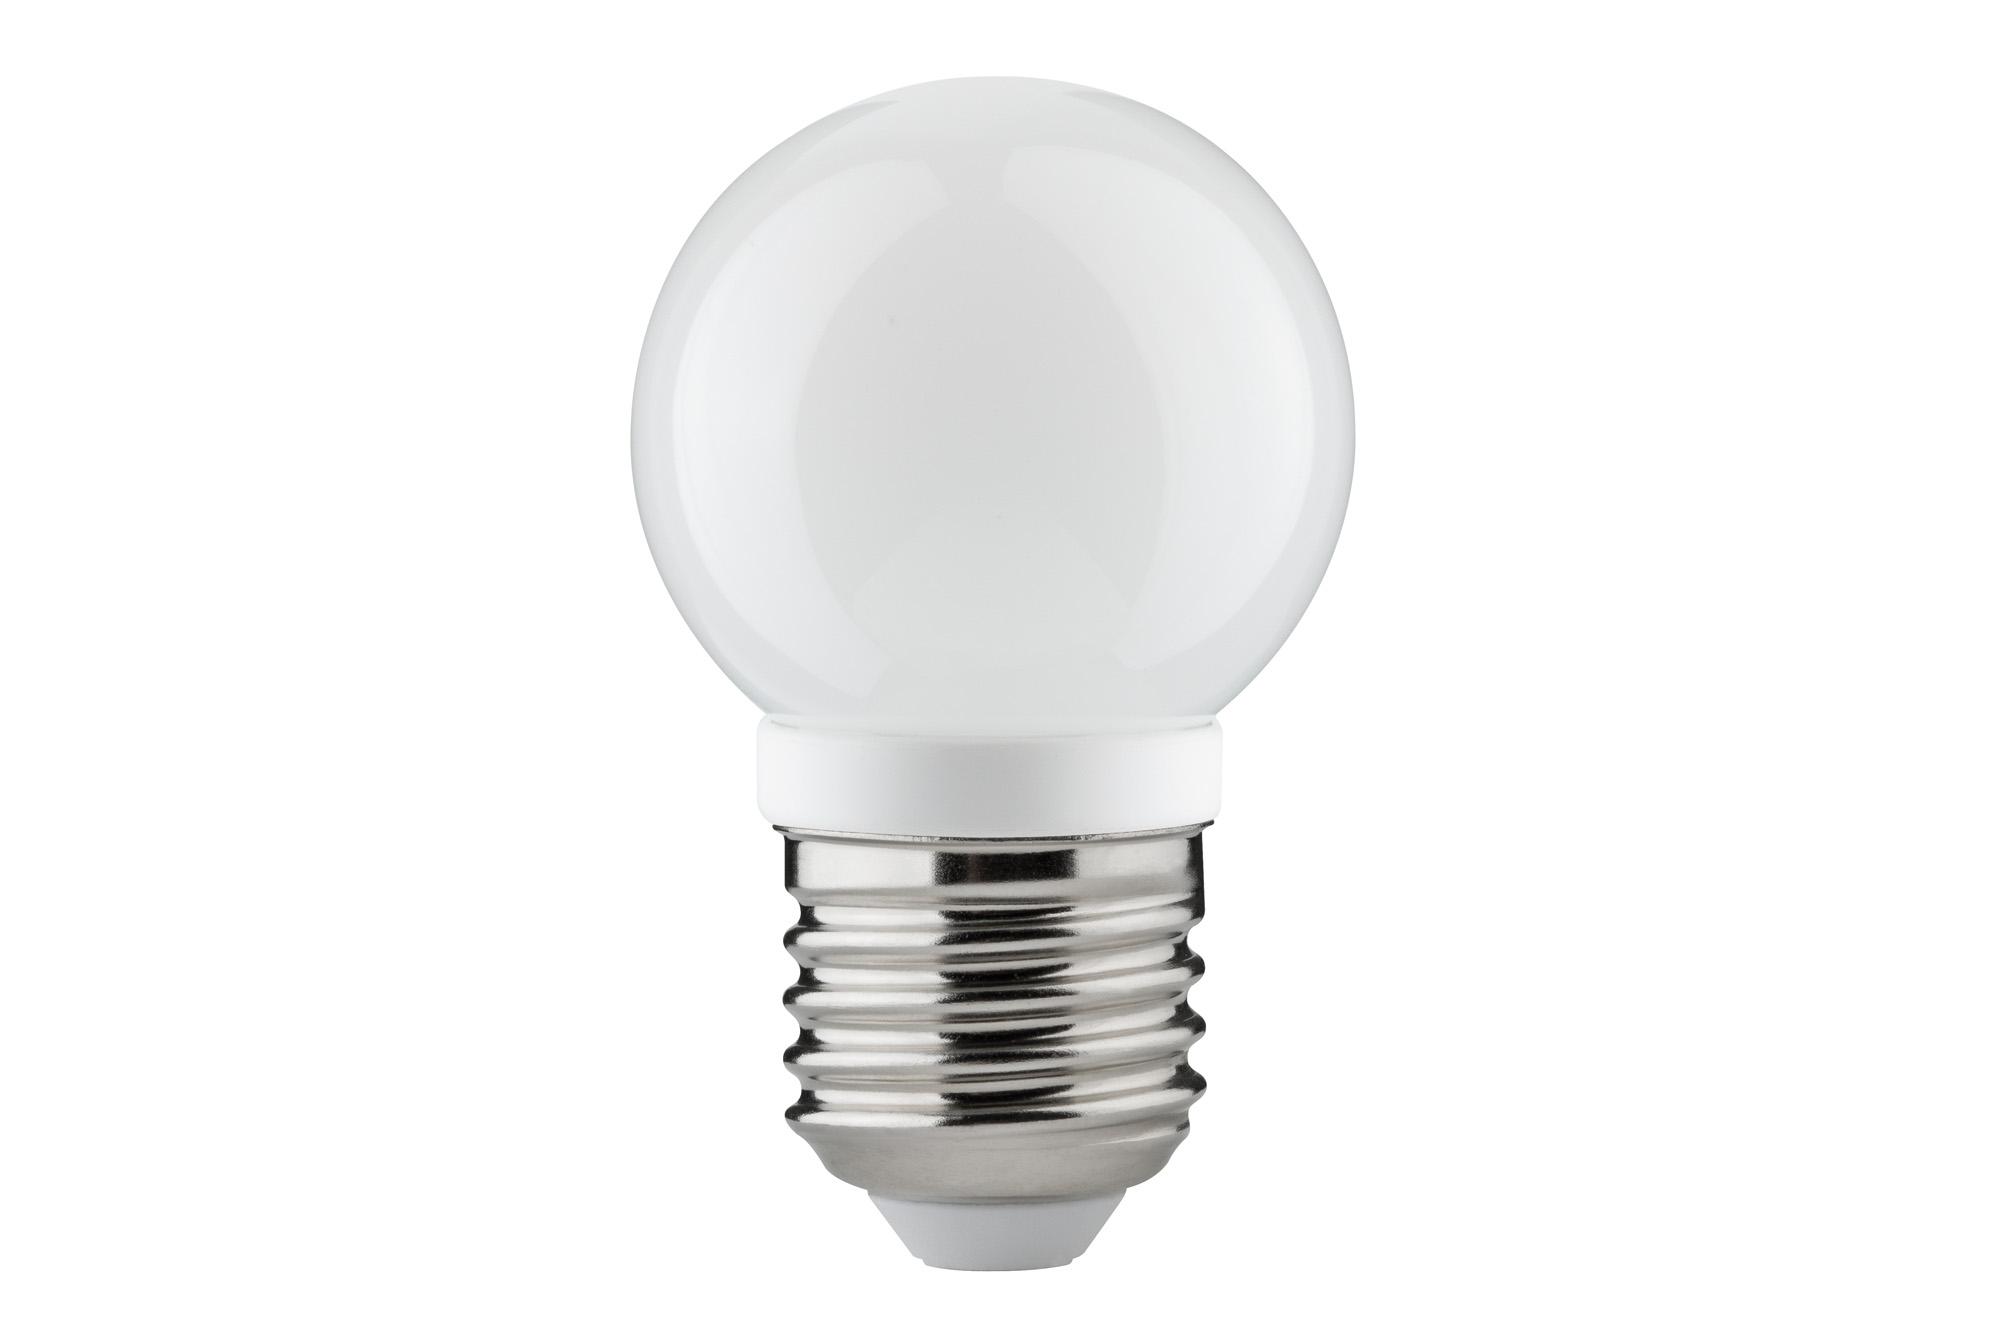 led tropfenlampe 4 watt e27 warmwei opal 28312. Black Bedroom Furniture Sets. Home Design Ideas